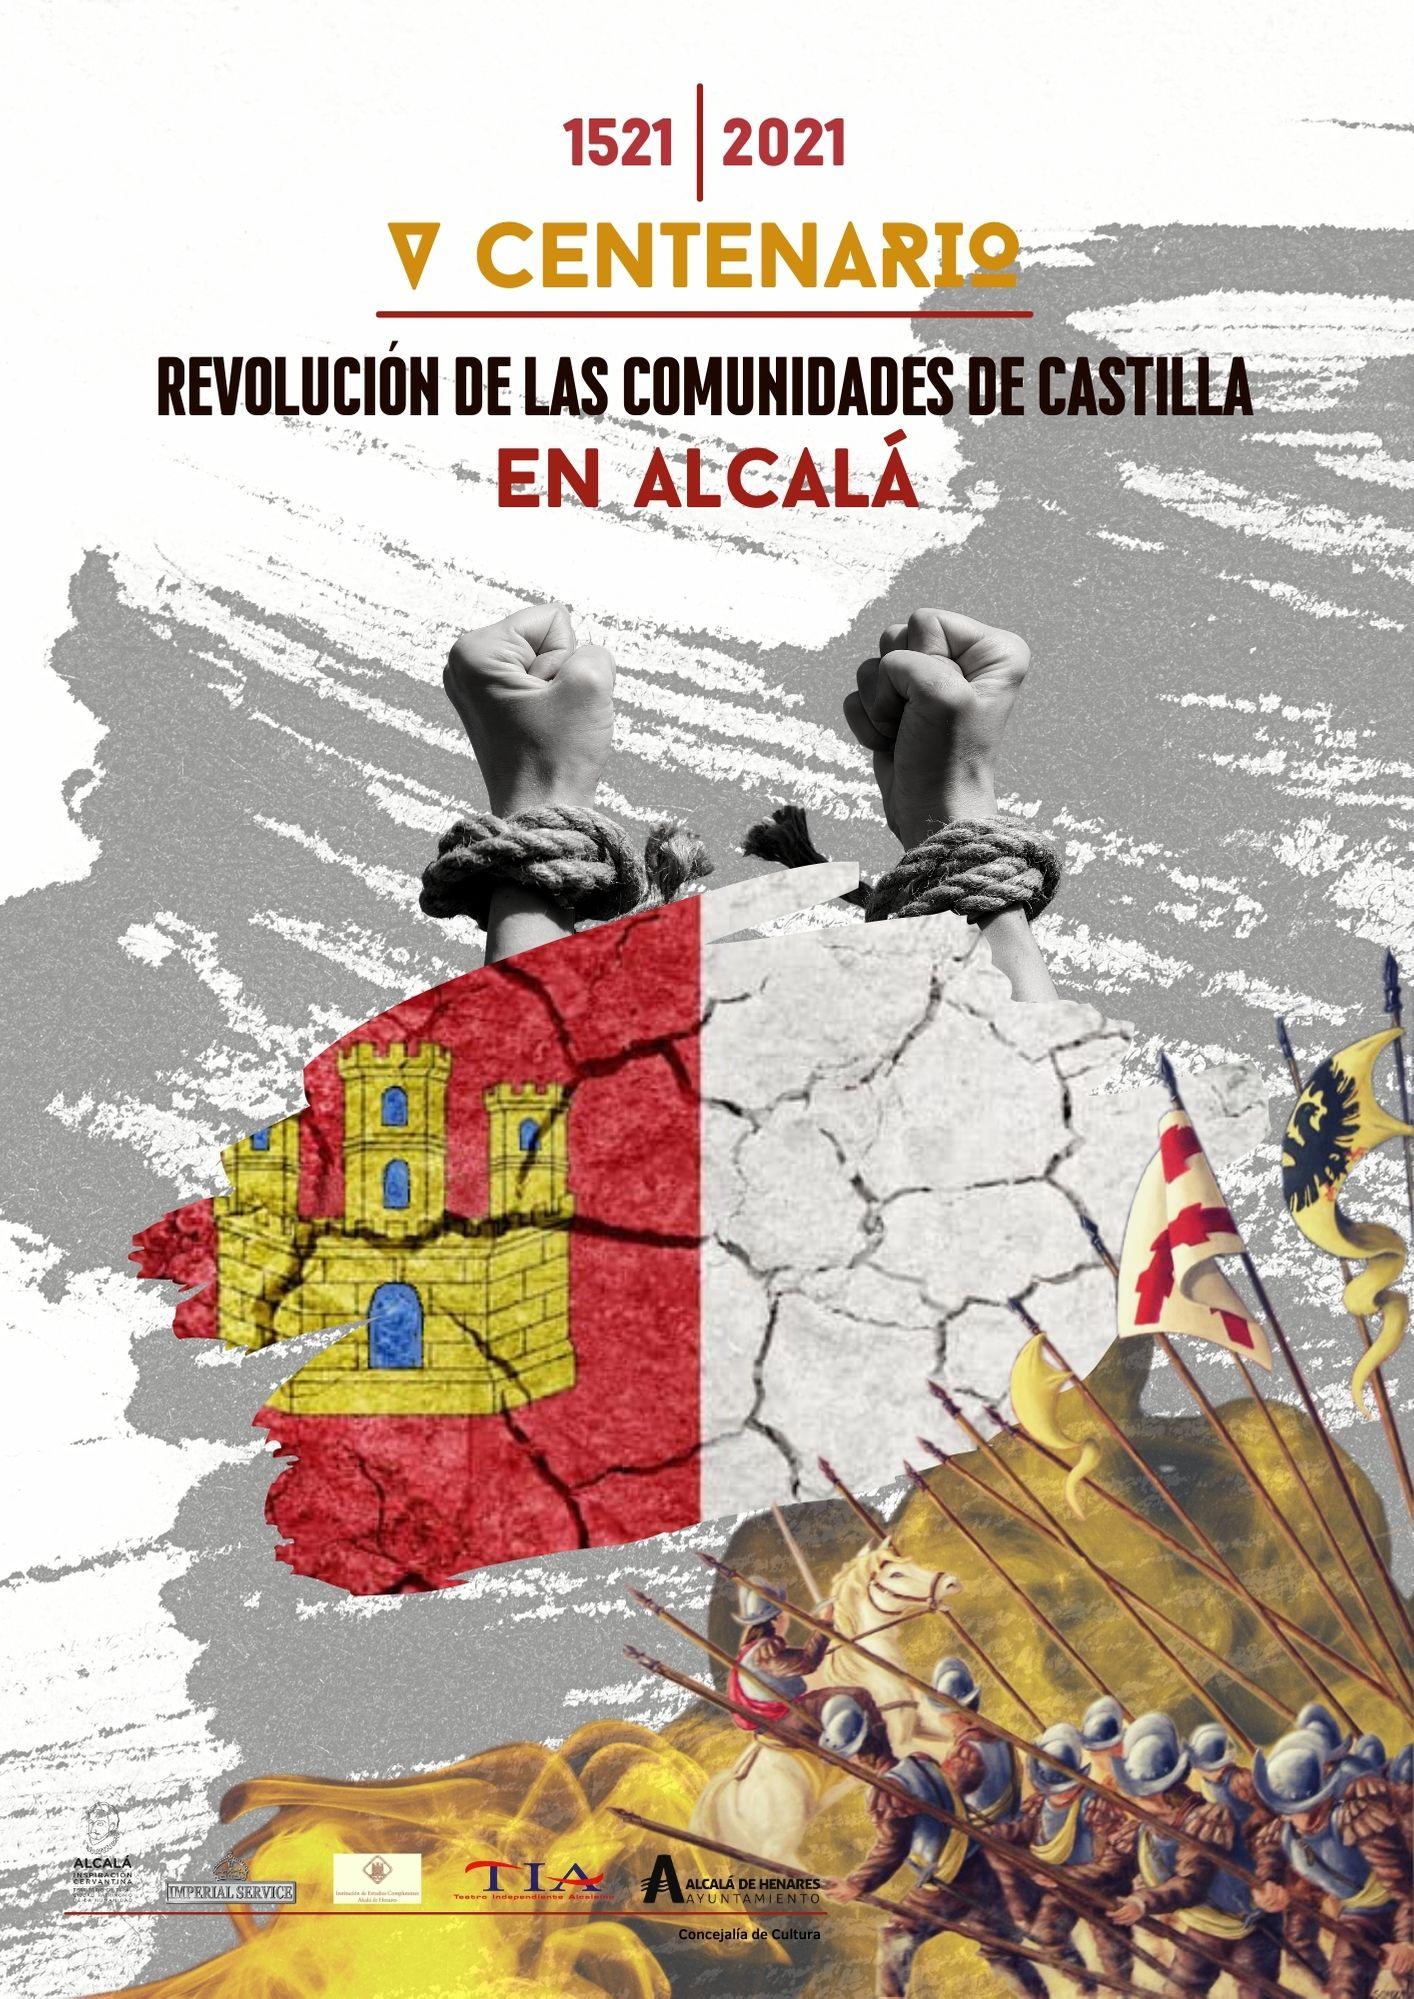 V Centenario Revolución de las Comunidades de Castilla